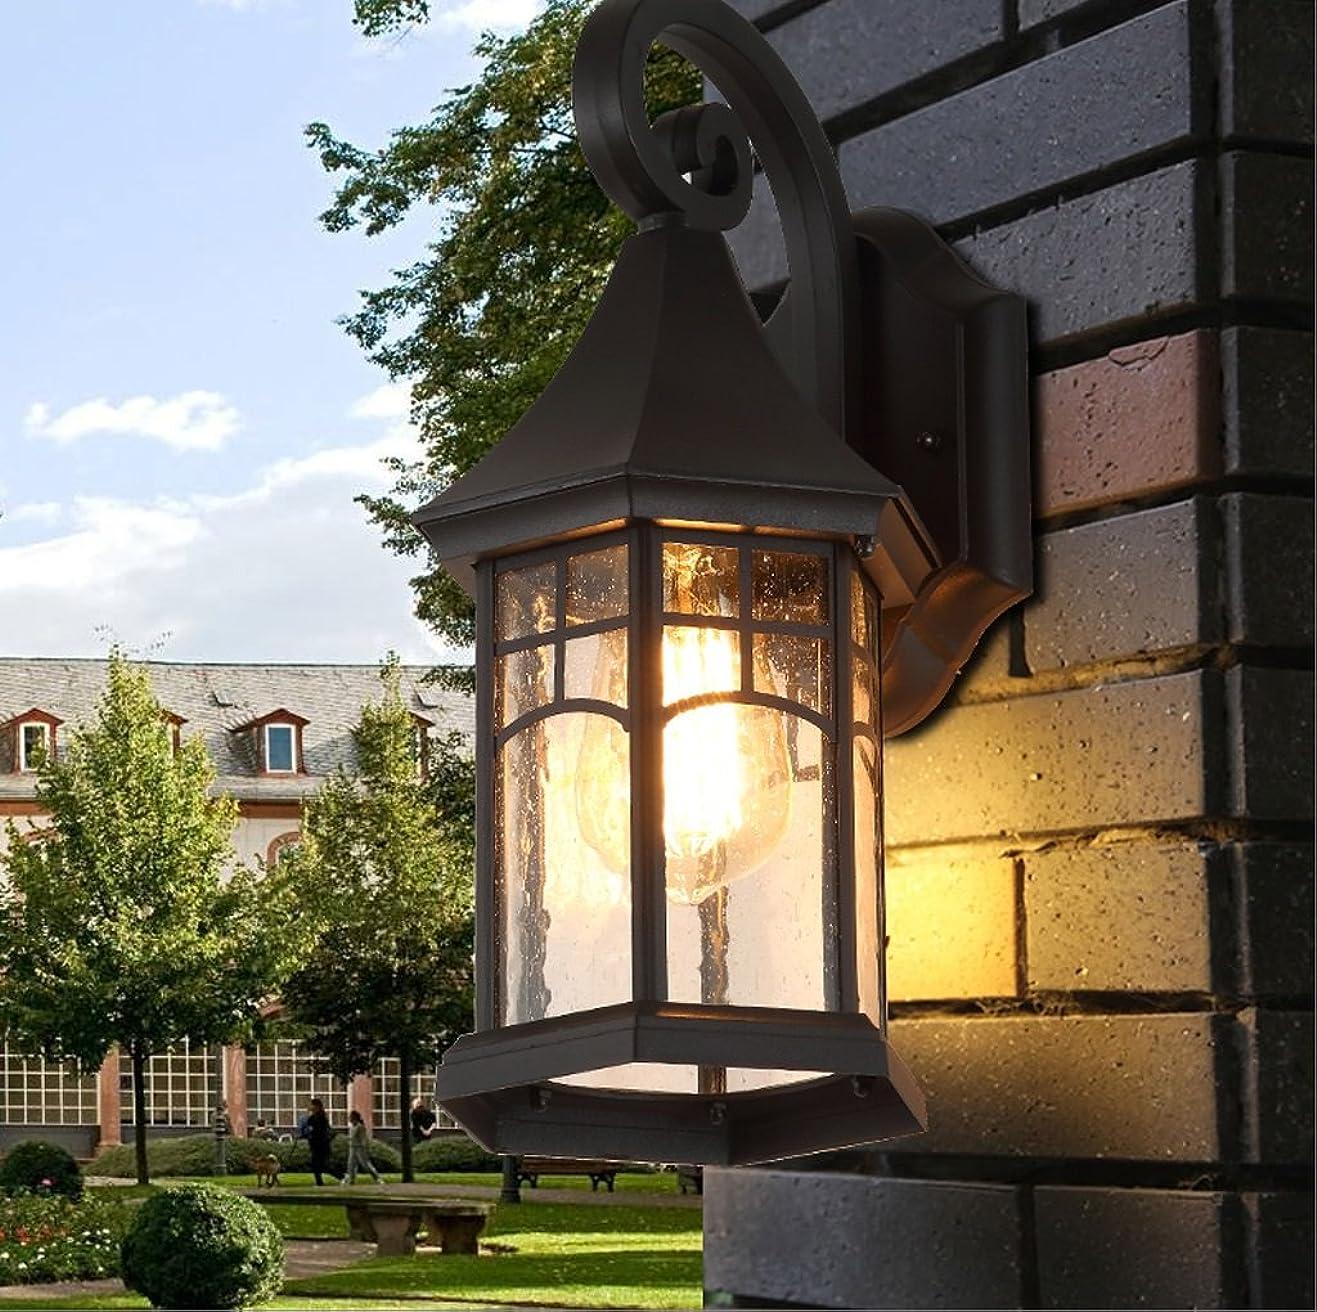 左戦術マリナー屋外アイアンアートウォールライトクリエイティブレトロ防水ドアガーデンライトロビー屋外テラス装飾的な壁ライトE27光源